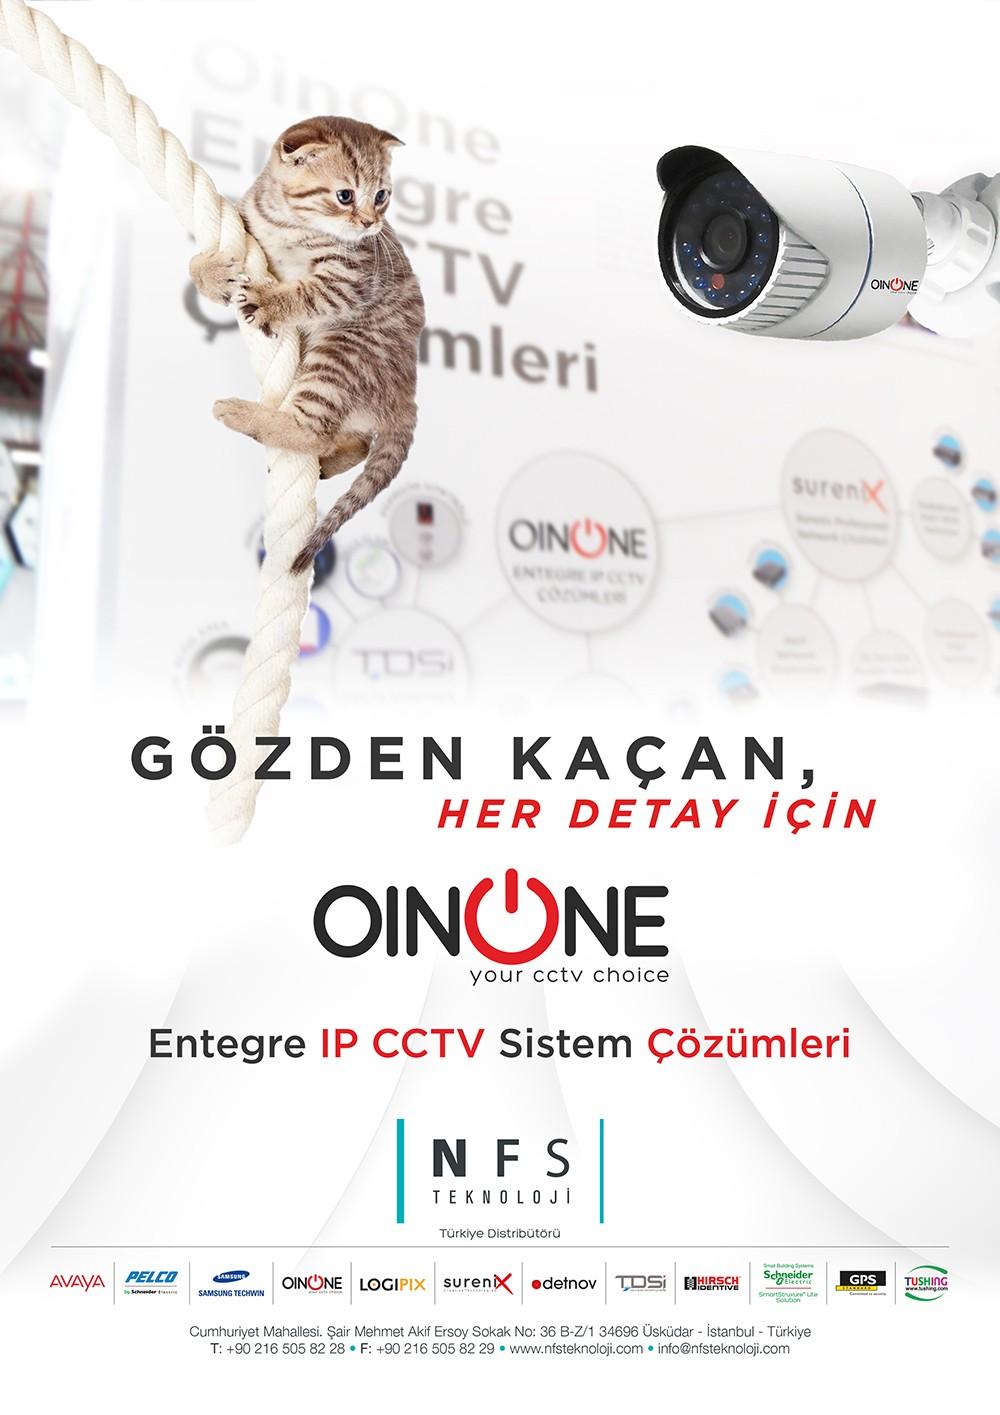 OINONE ENTEGRE IP CCTV SİSTEM ÇÖZÜMLERİ